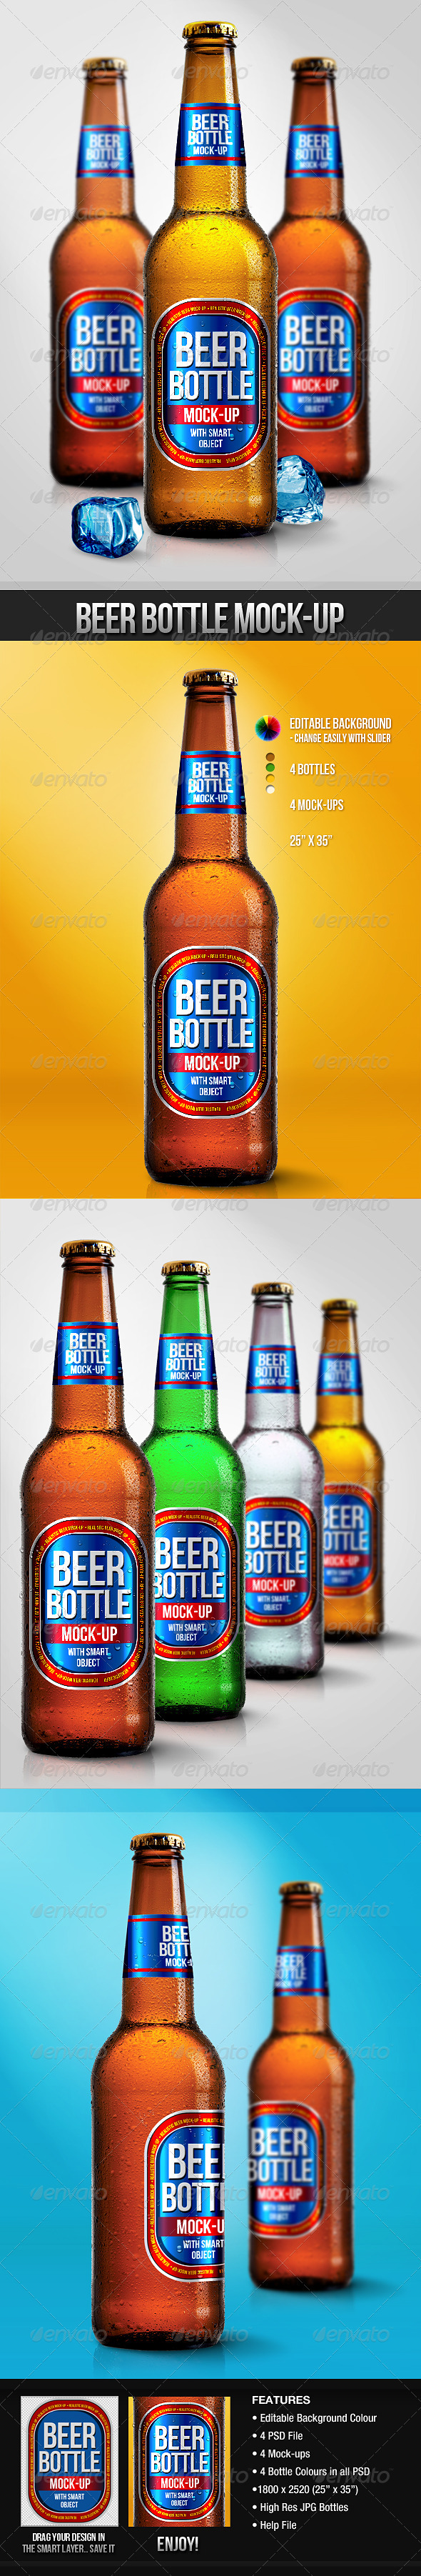 GraphicRiver Beer Bottle Mock-Ups 3099590